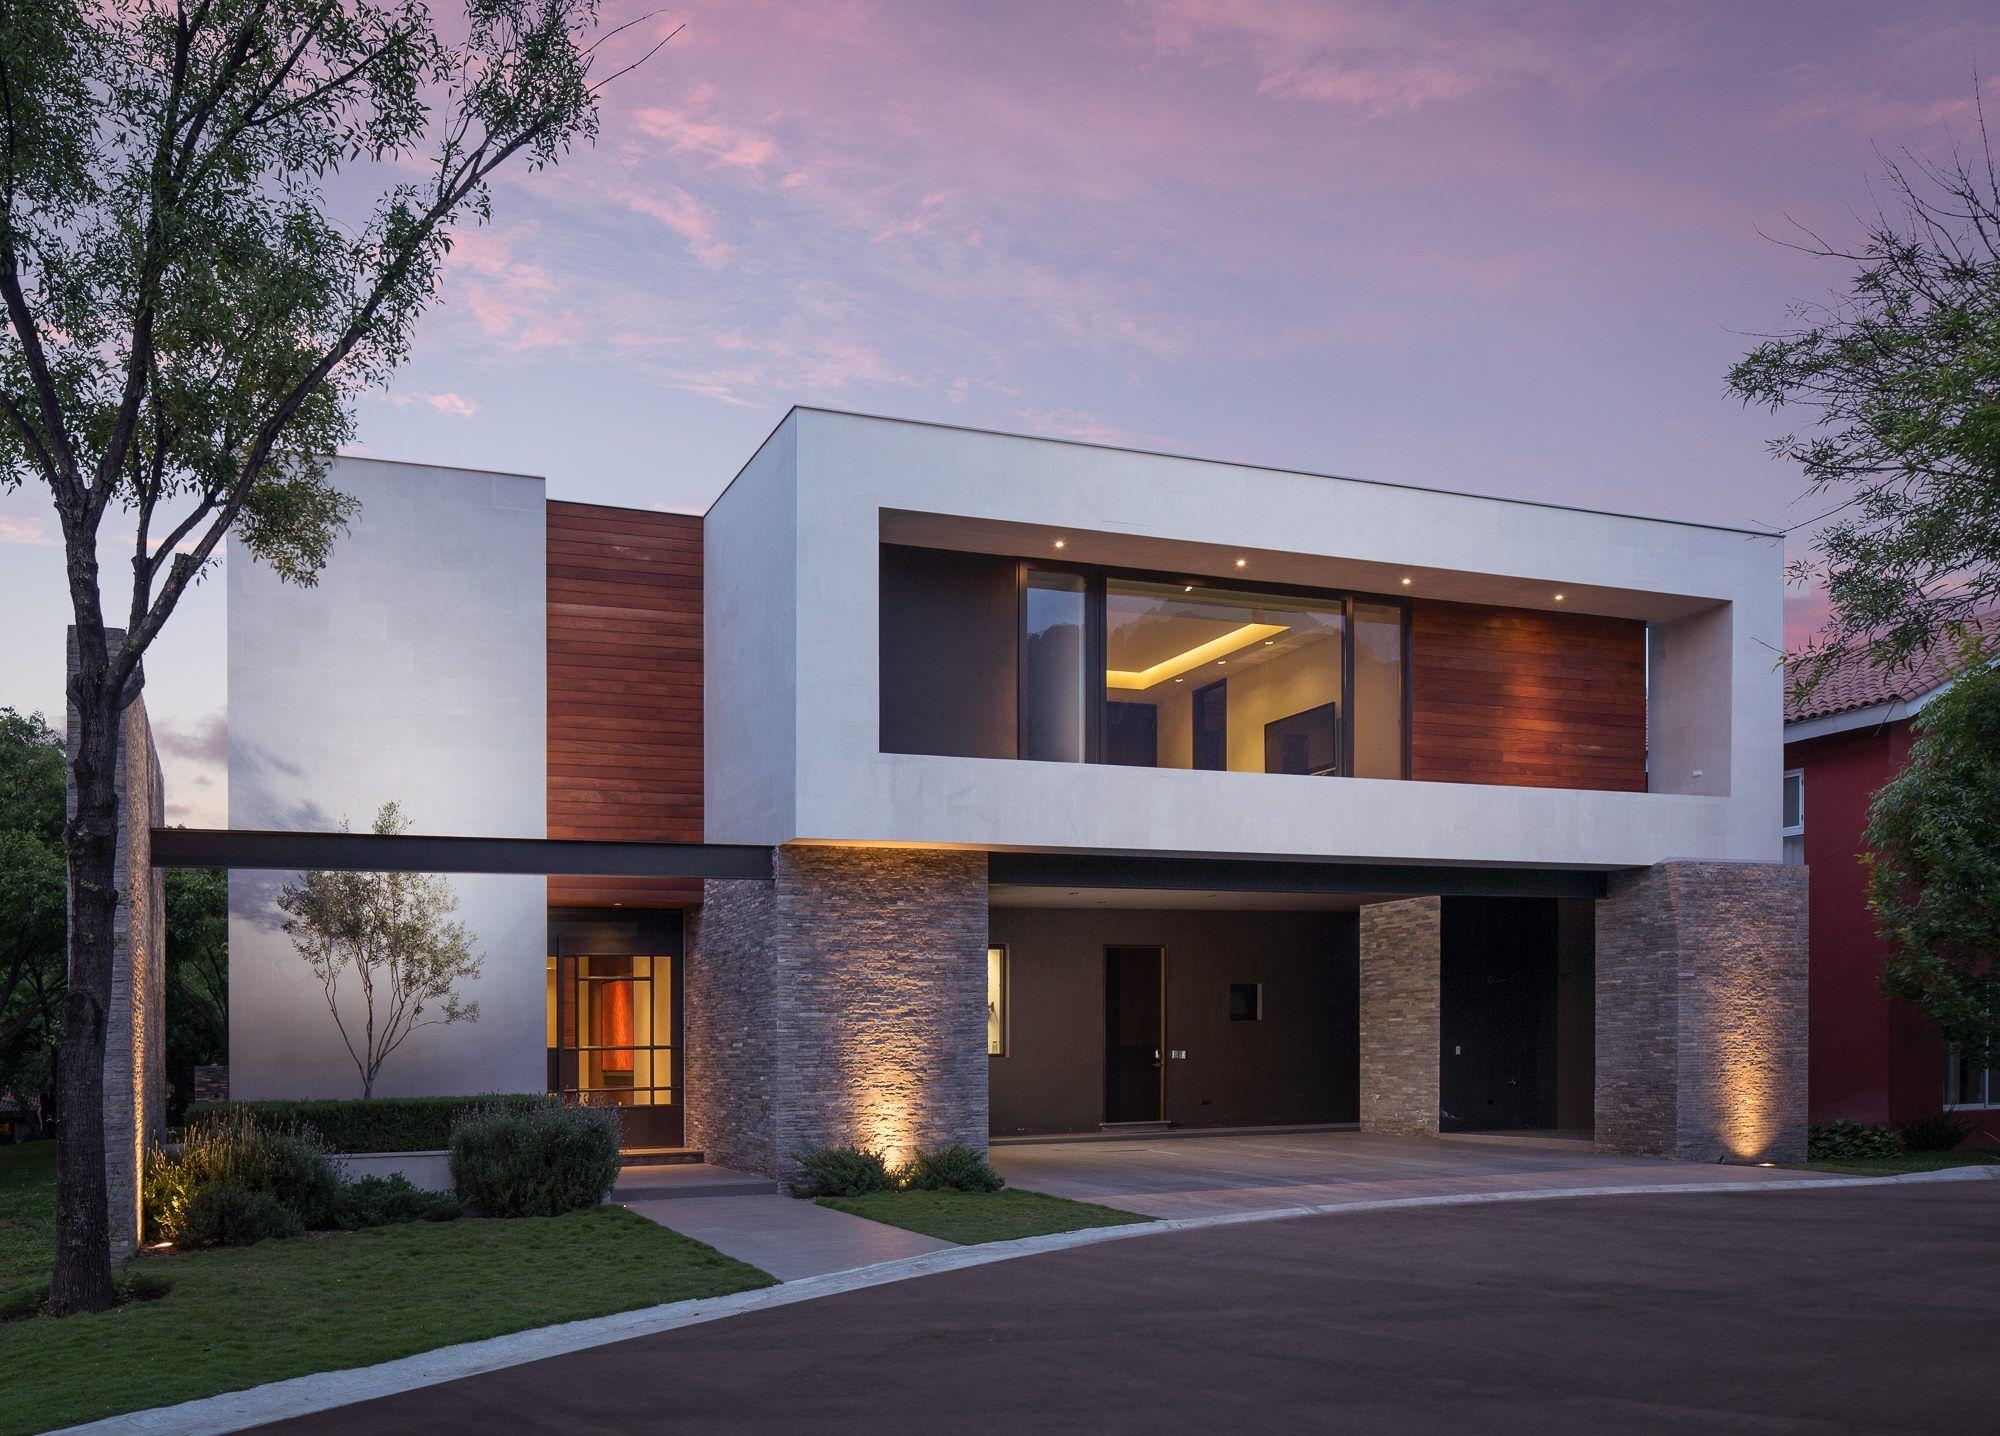 10625148 353397171482211 2154418655914892885 960 471 home sweet home pinterest. Black Bedroom Furniture Sets. Home Design Ideas